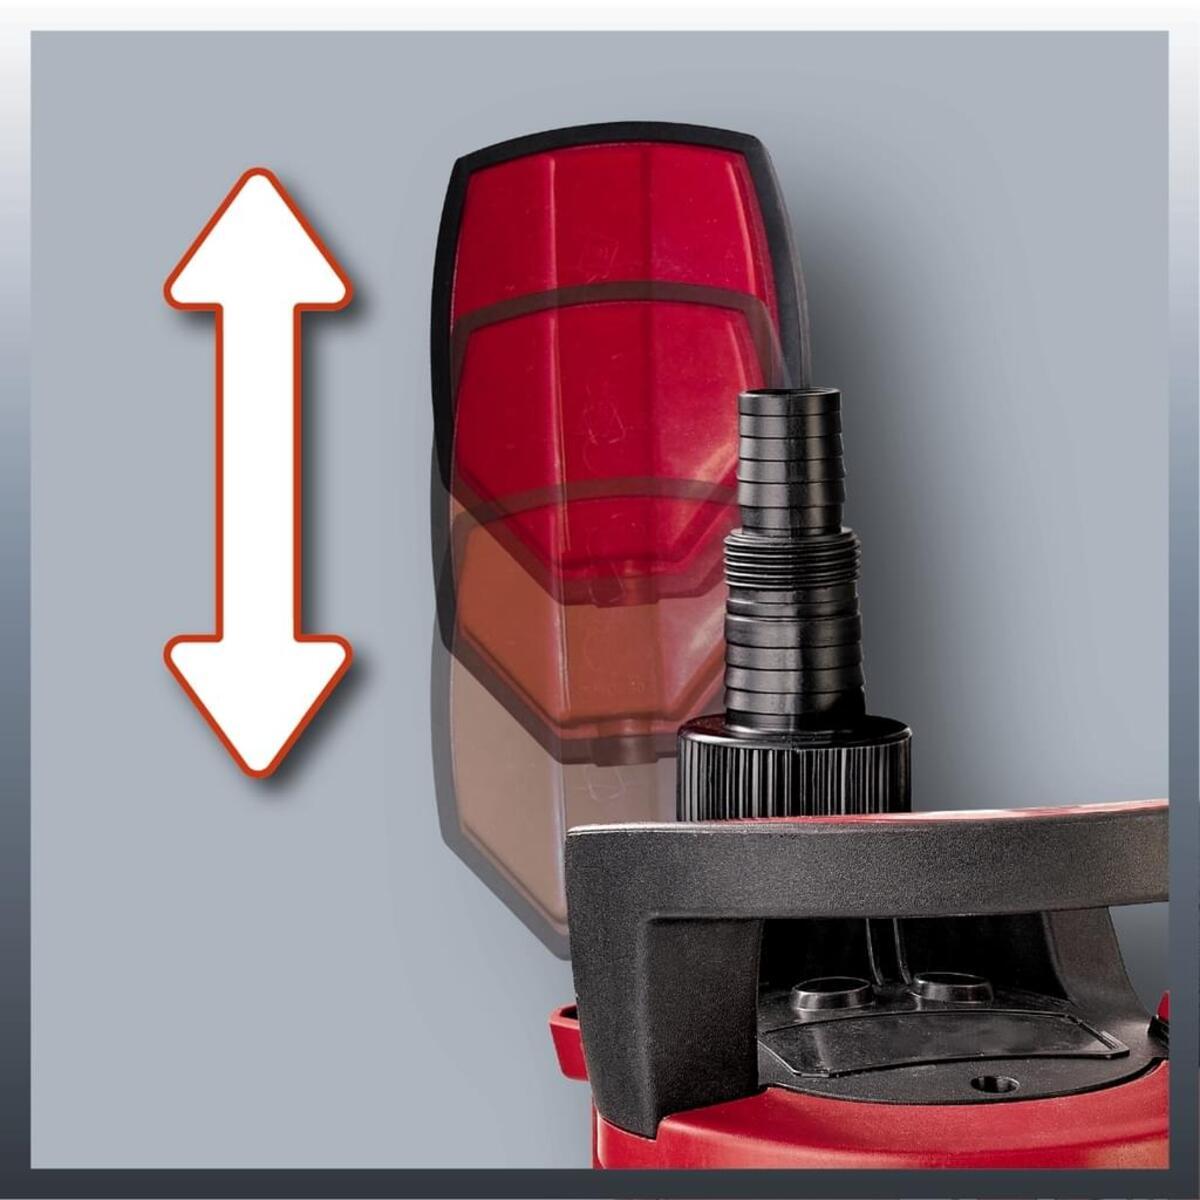 Bild 4 von Einhell Schmutzwasserpumpe GE-DP 5220 LL ECO, Leistung 520 Watt, Fördermenge max. 13500 l/h, 4170780